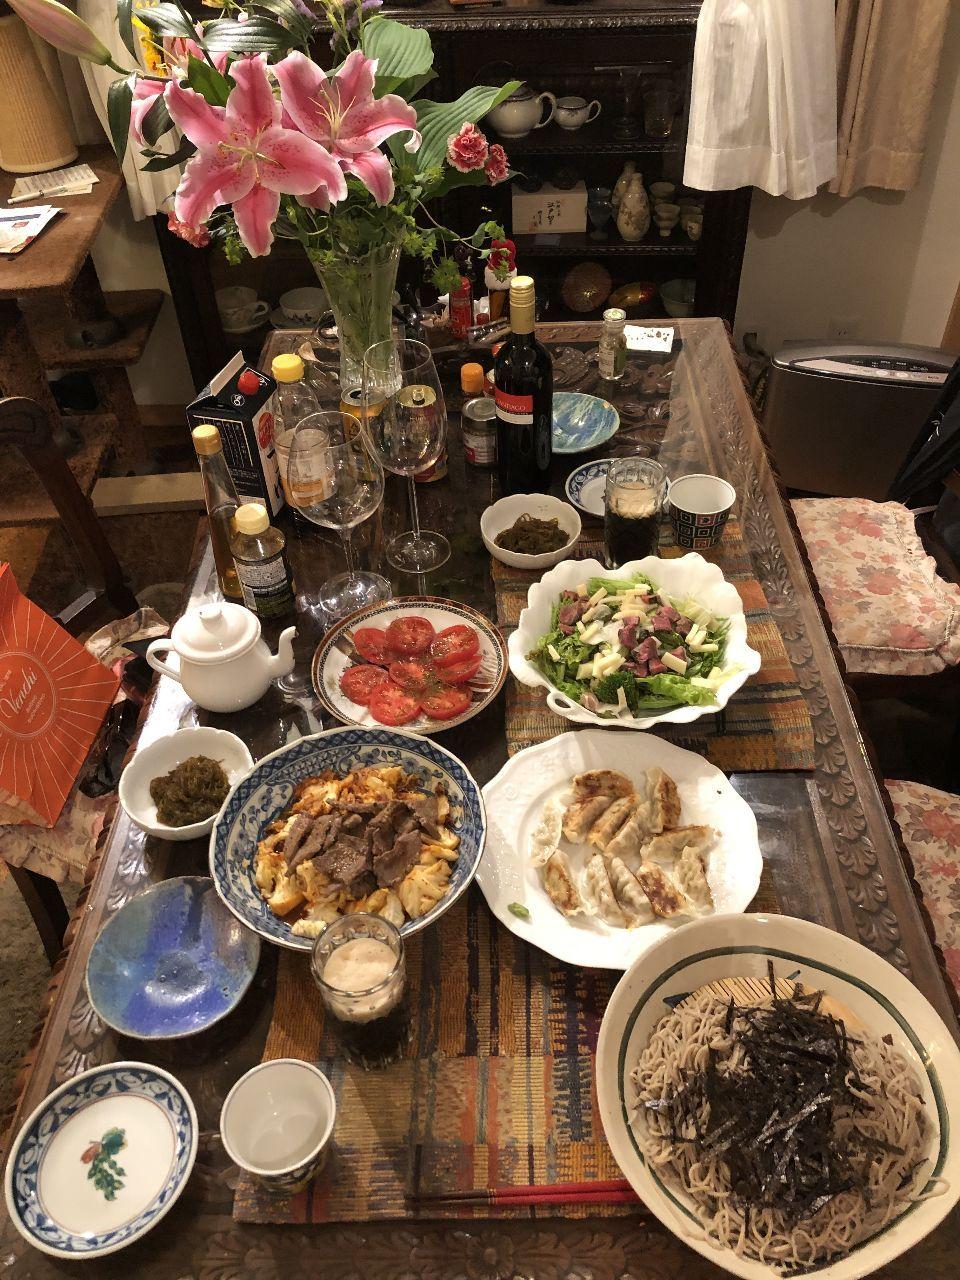 4579 - ラクオリア創薬(株) 妥協しまくりのはぐれの晩餐